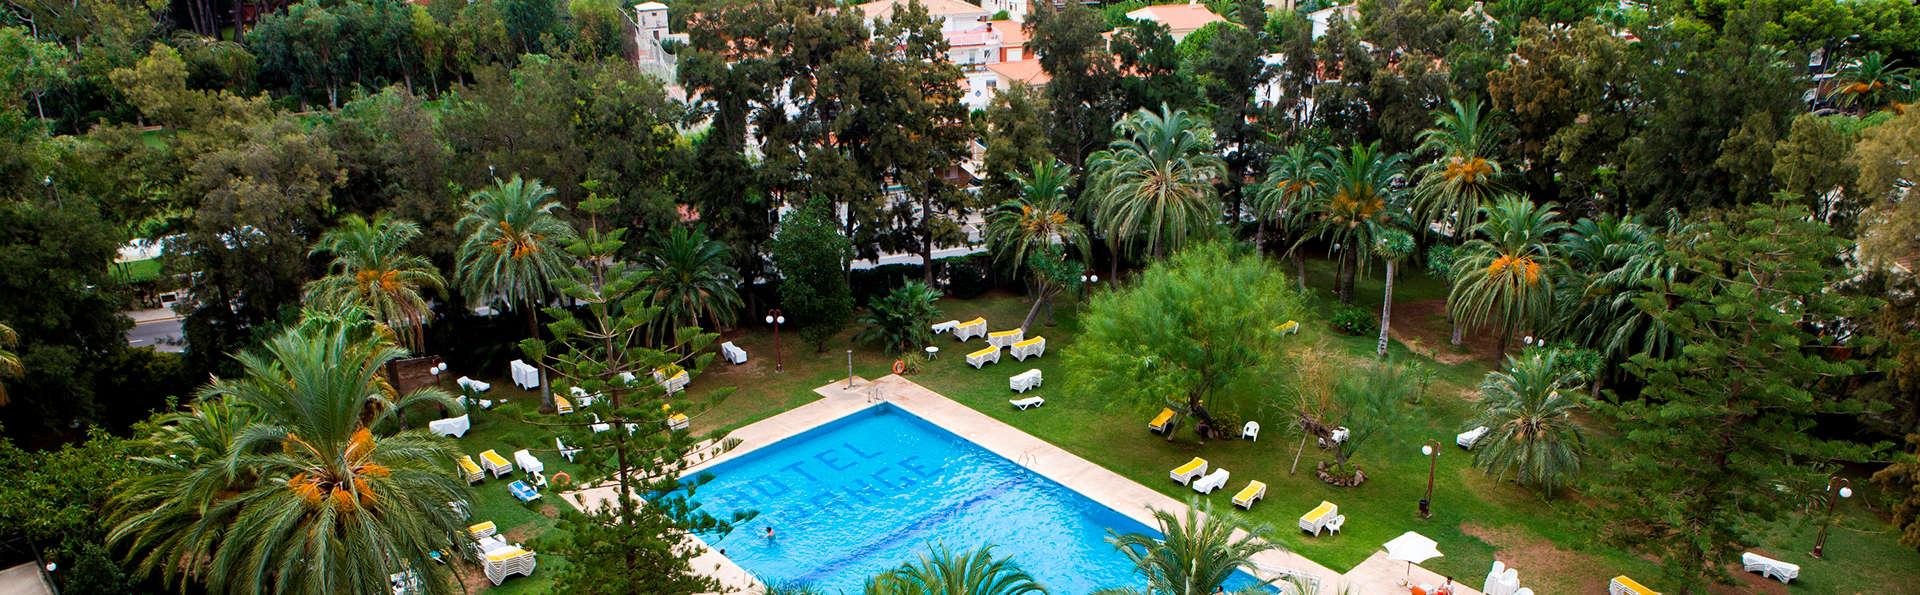 Été de luxe : Benicàssim en pension complète et séjour gratuit pour enfant (à partir de 3 nuits)